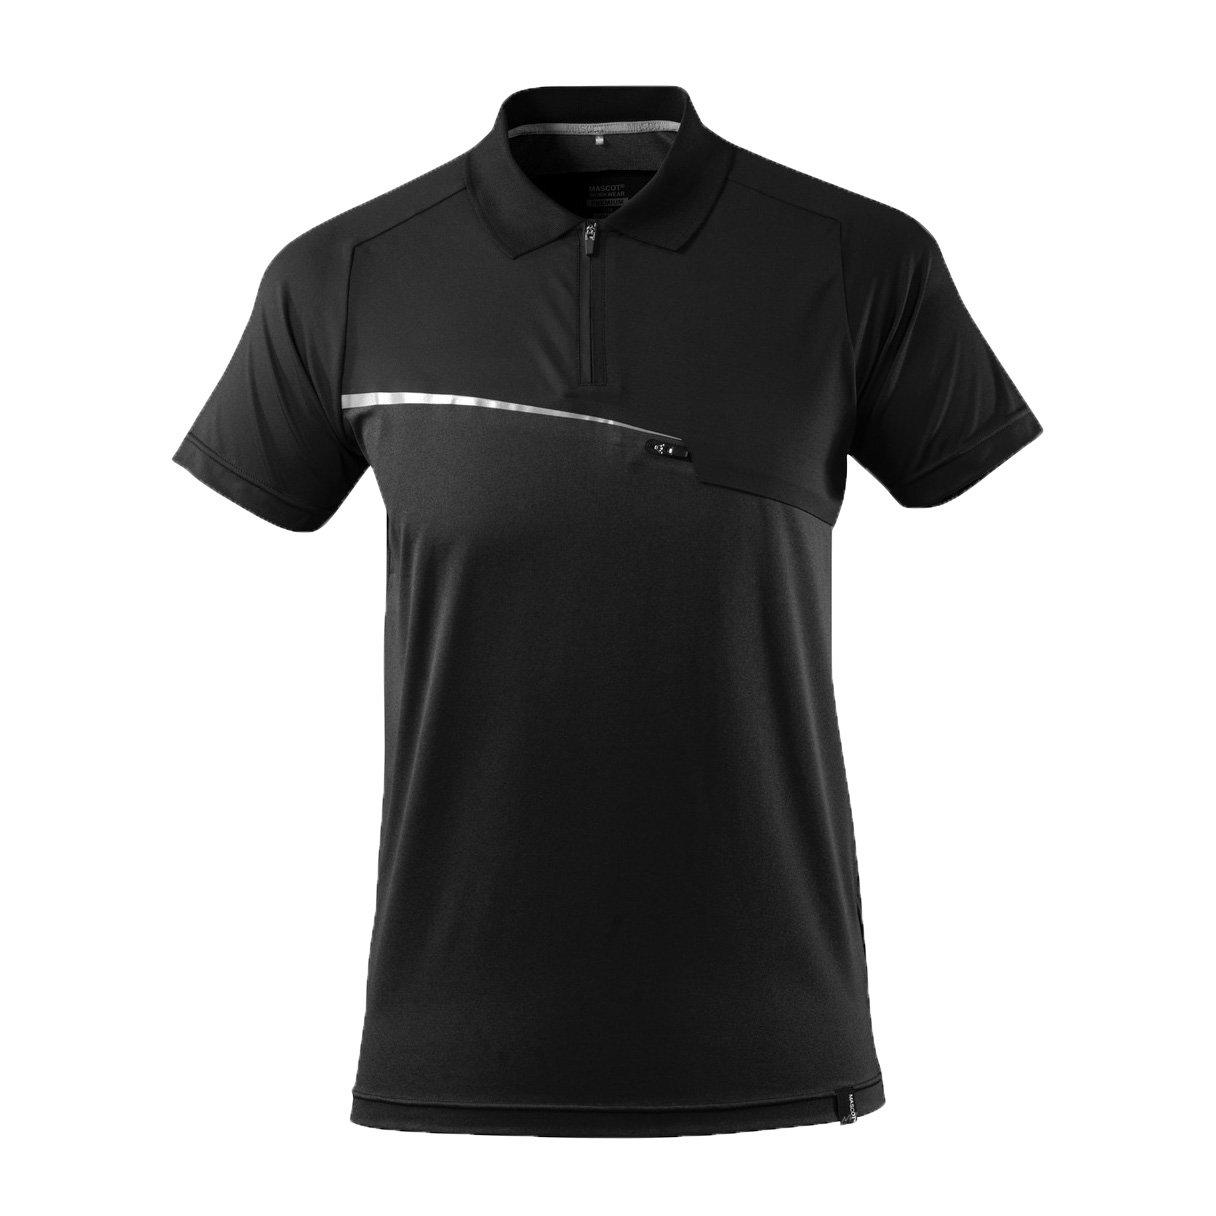 Mascot 17283-945-09-S Polo-Shirt/Advanced Size S Black